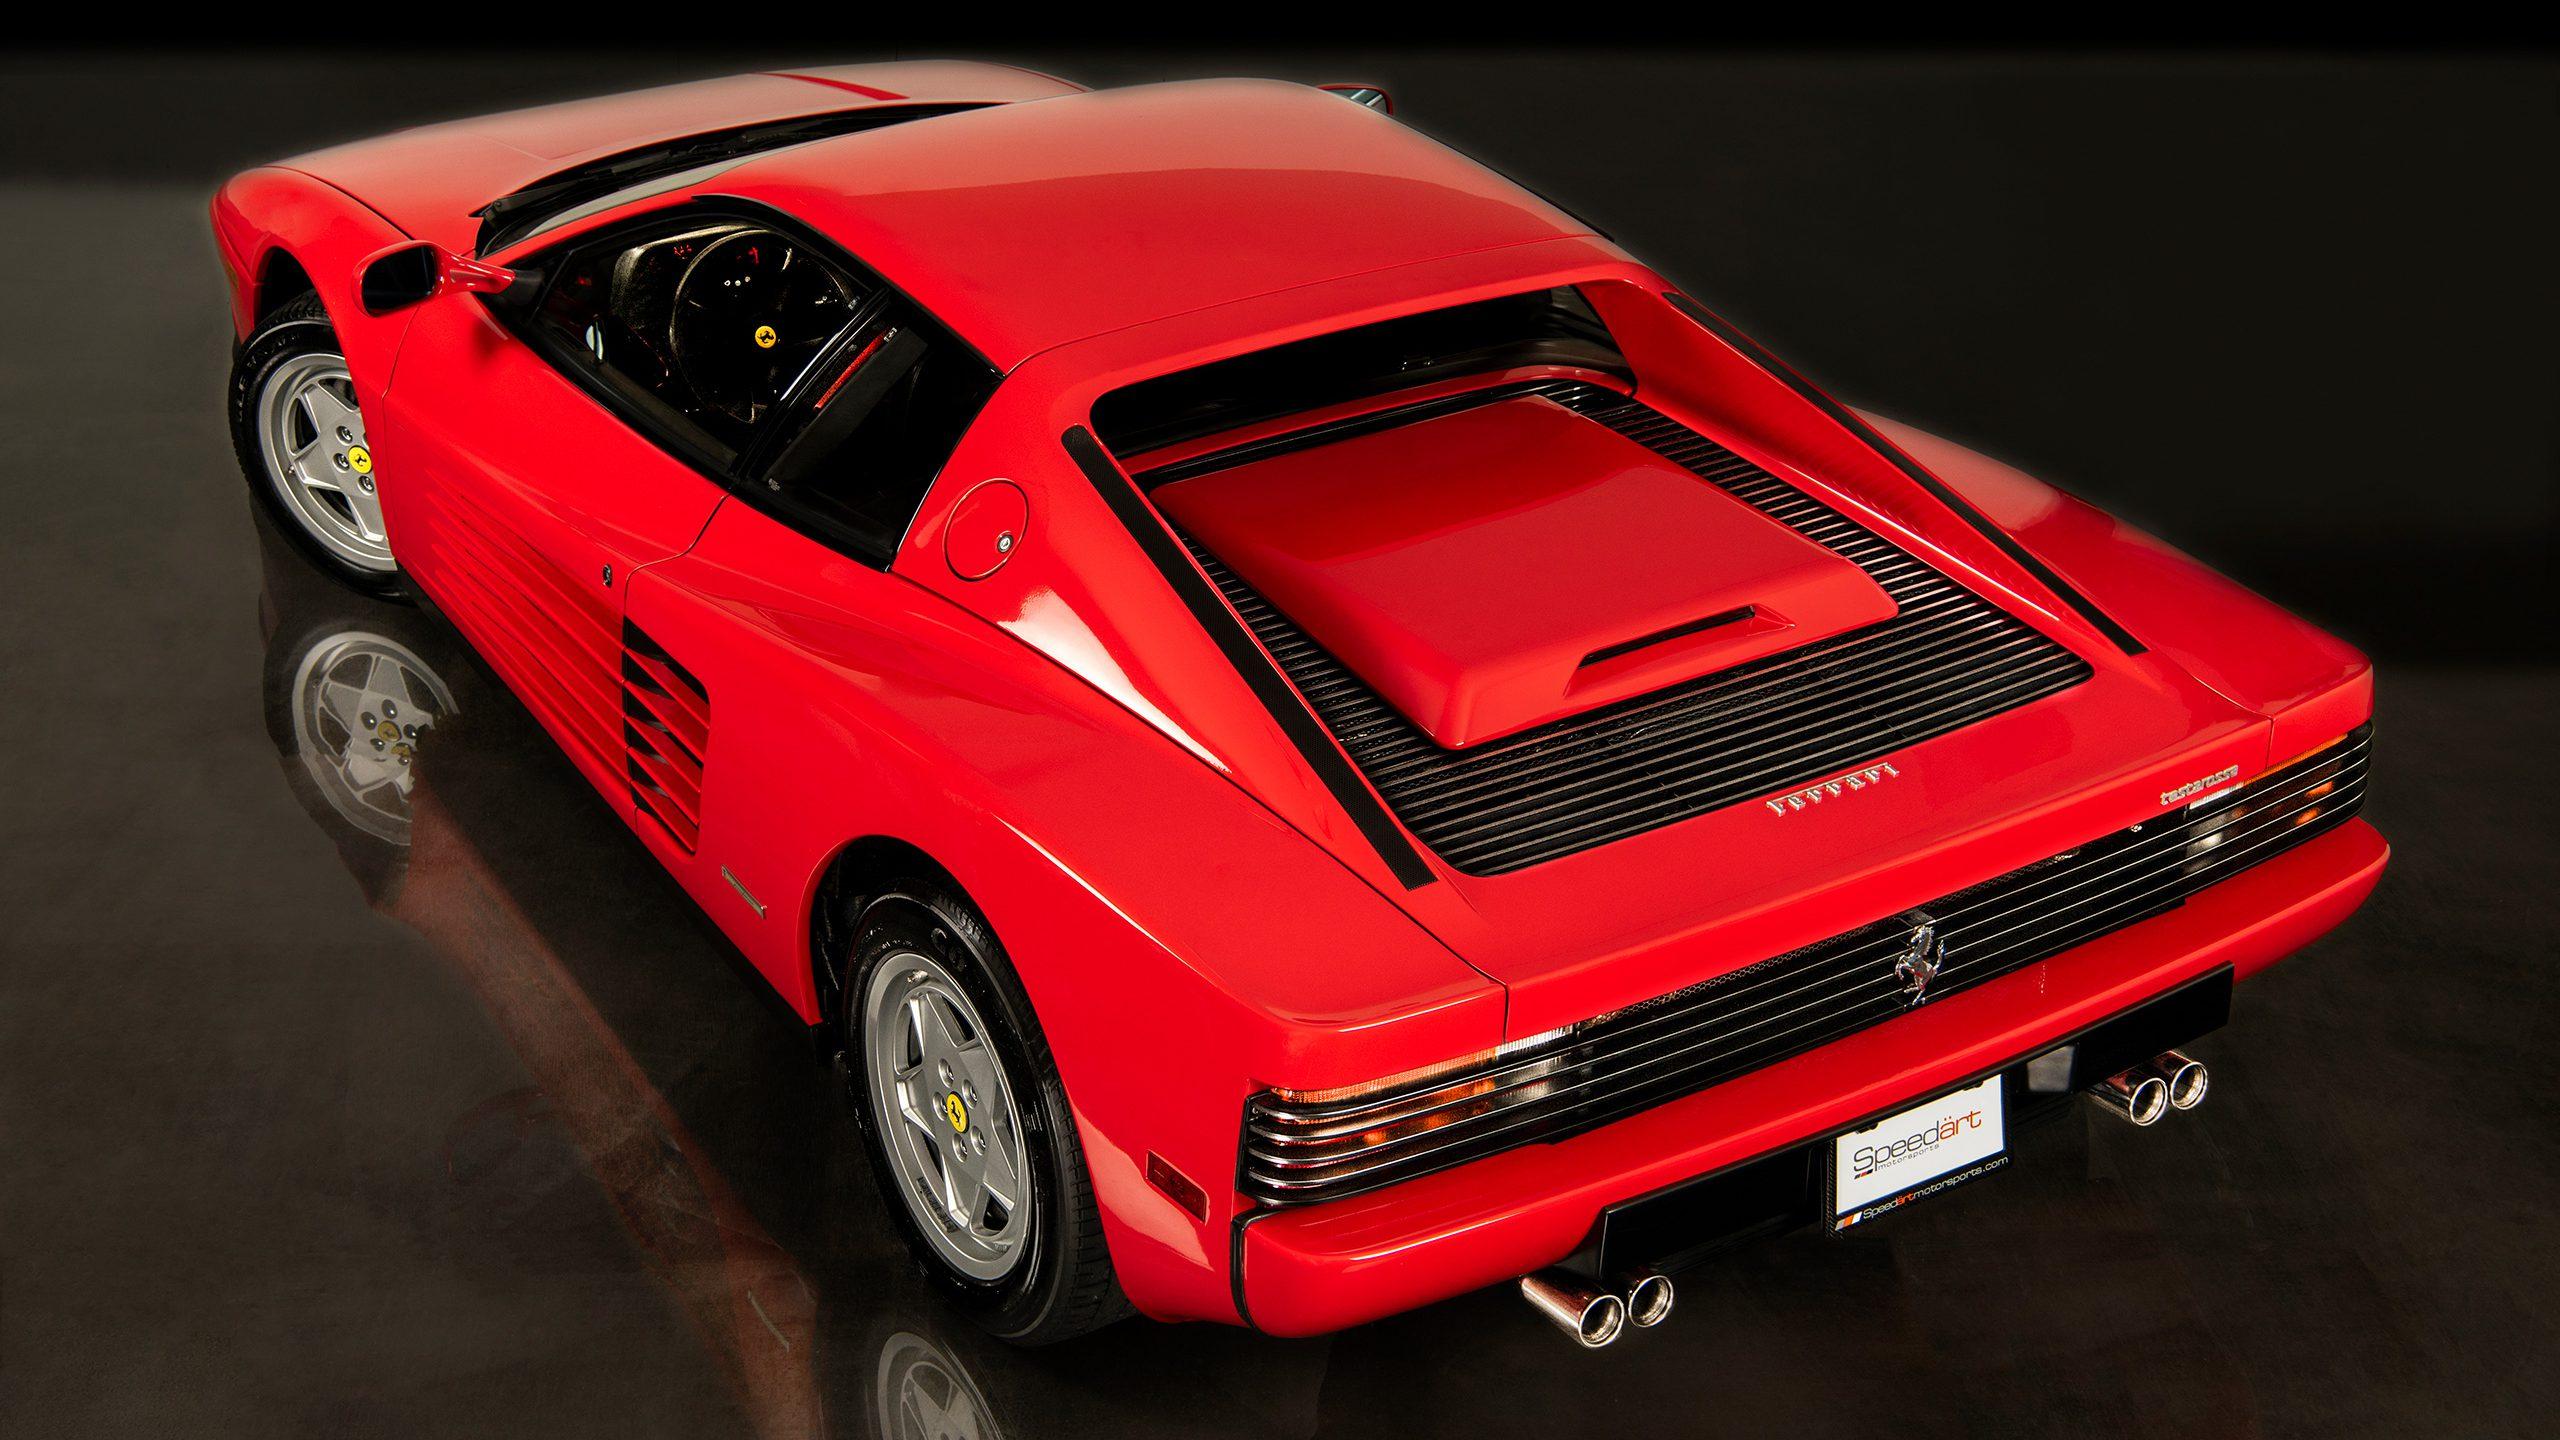 1988 Ferrari Testarossa Speedart Motorsports Speedart Motorsports